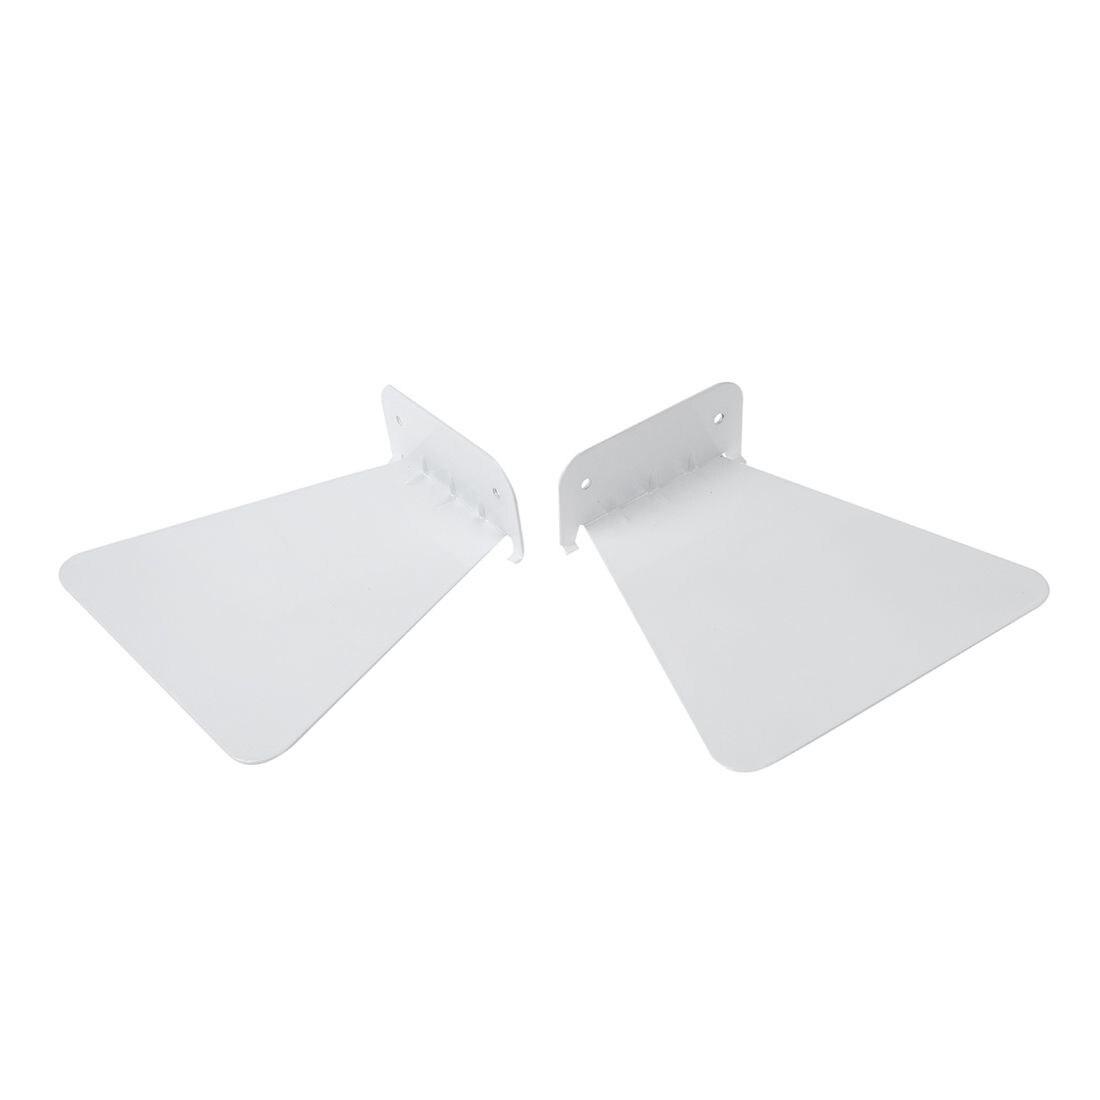 2 uds. Estante de pared de hierro moderno para libros estantería invisible para decoración del hogar librero flotante (blanco)